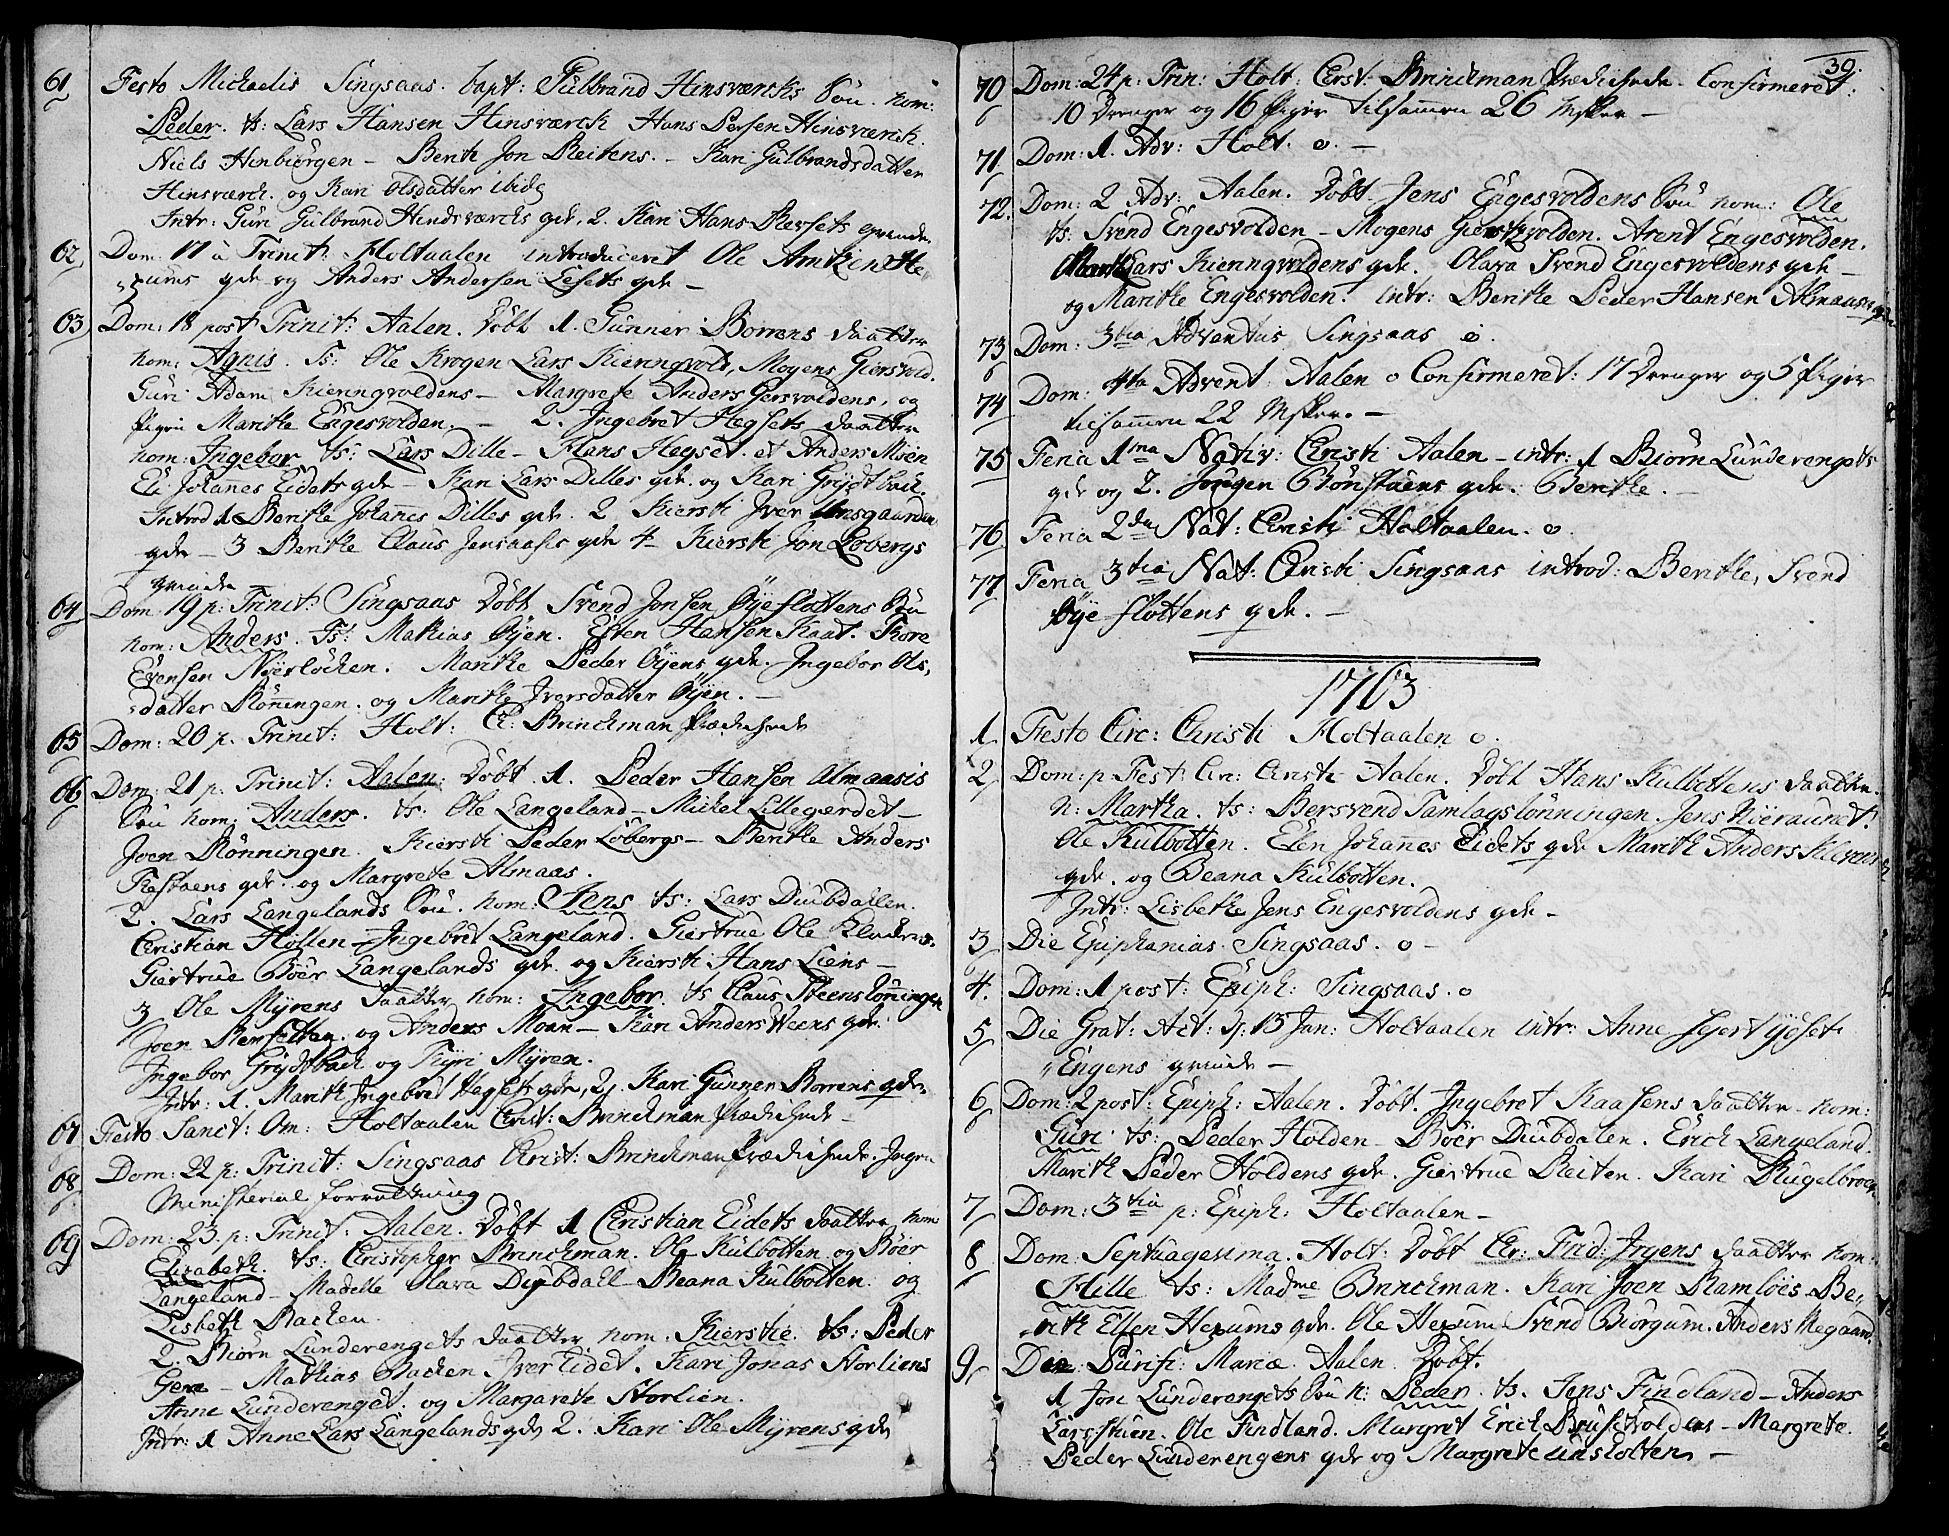 SAT, Ministerialprotokoller, klokkerbøker og fødselsregistre - Sør-Trøndelag, 685/L0952: Ministerialbok nr. 685A01, 1745-1804, s. 39